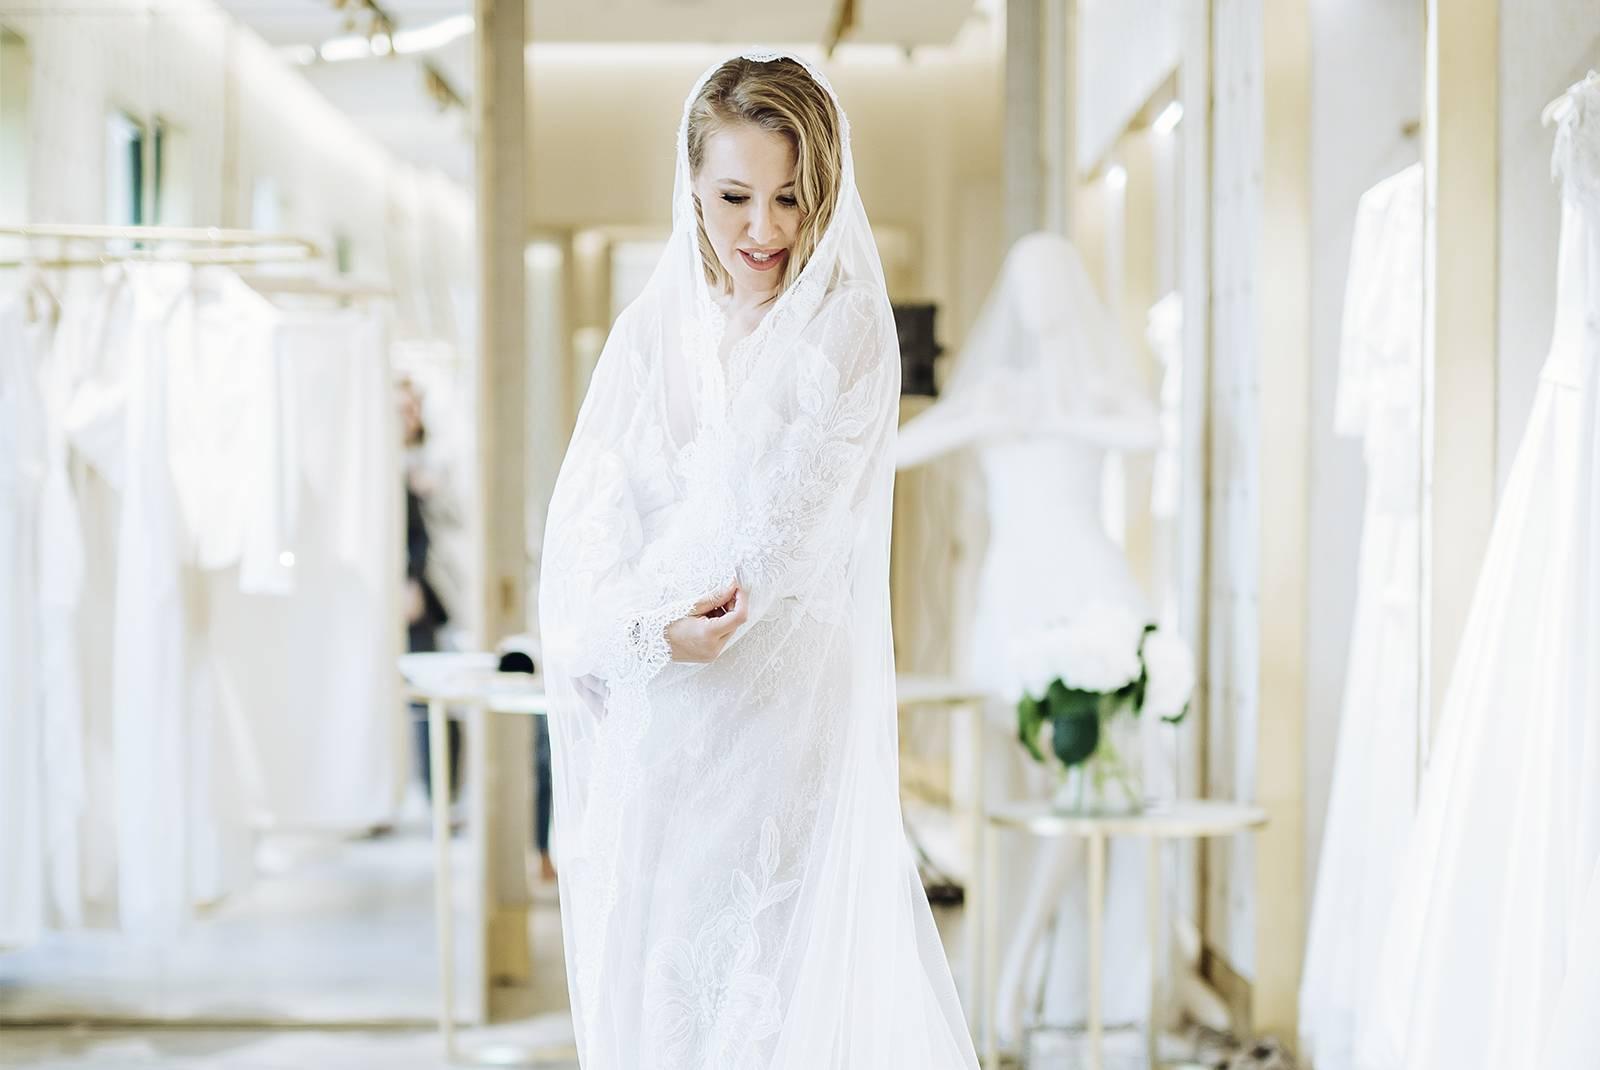 Свадебные идеи  креативные, нестандартные, фото